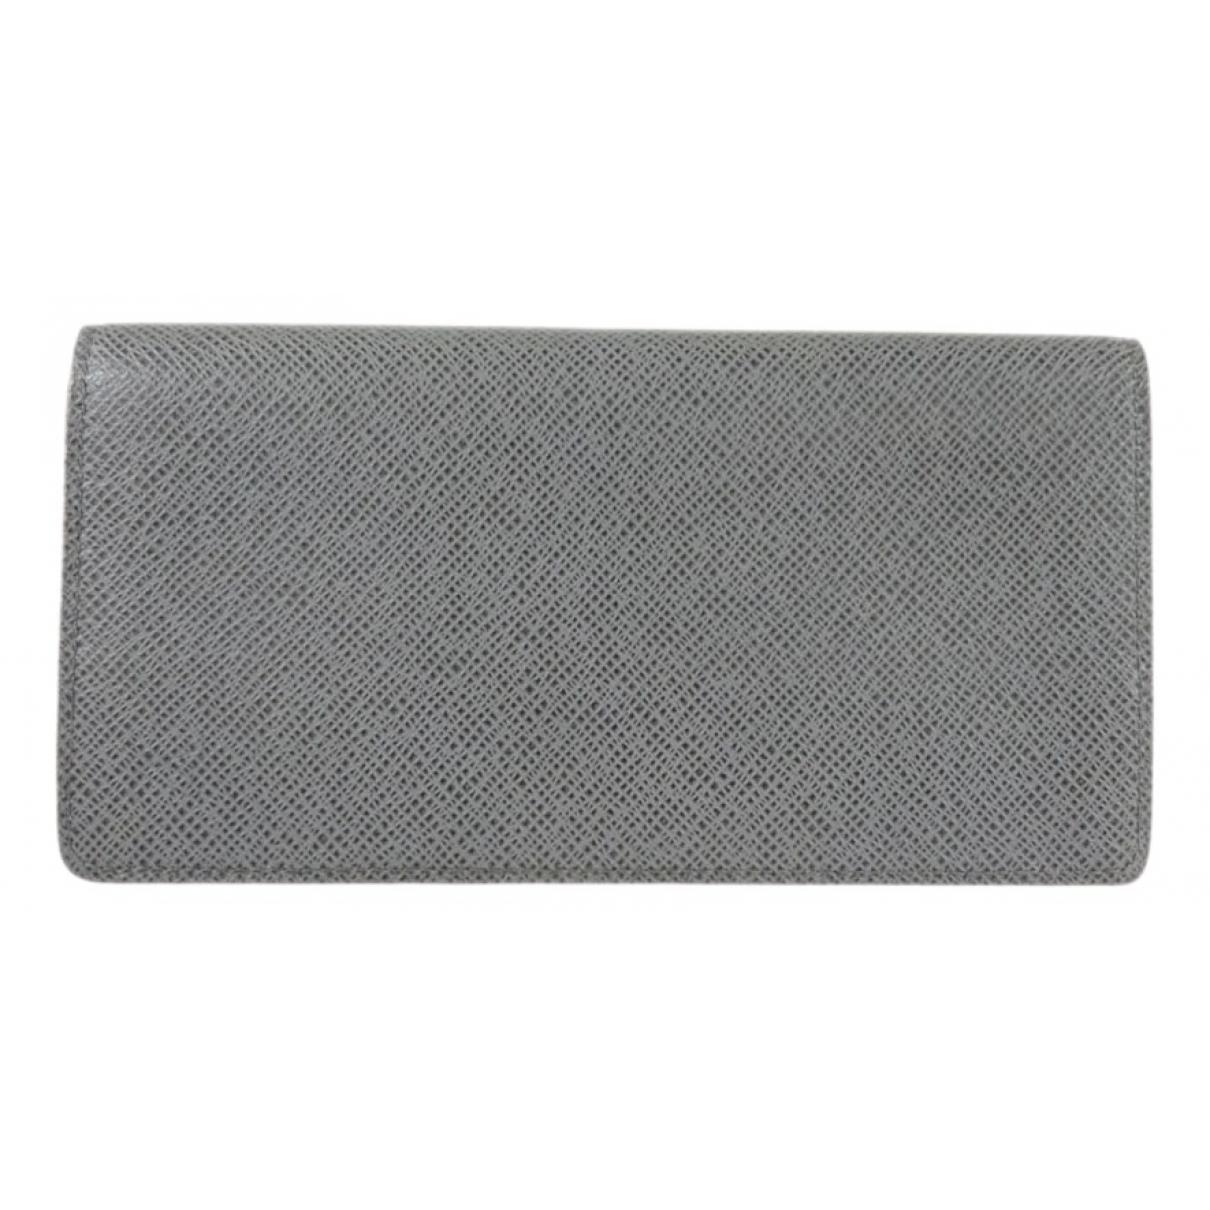 Louis Vuitton Brazza Kleinlederwaren in  Grau Leder